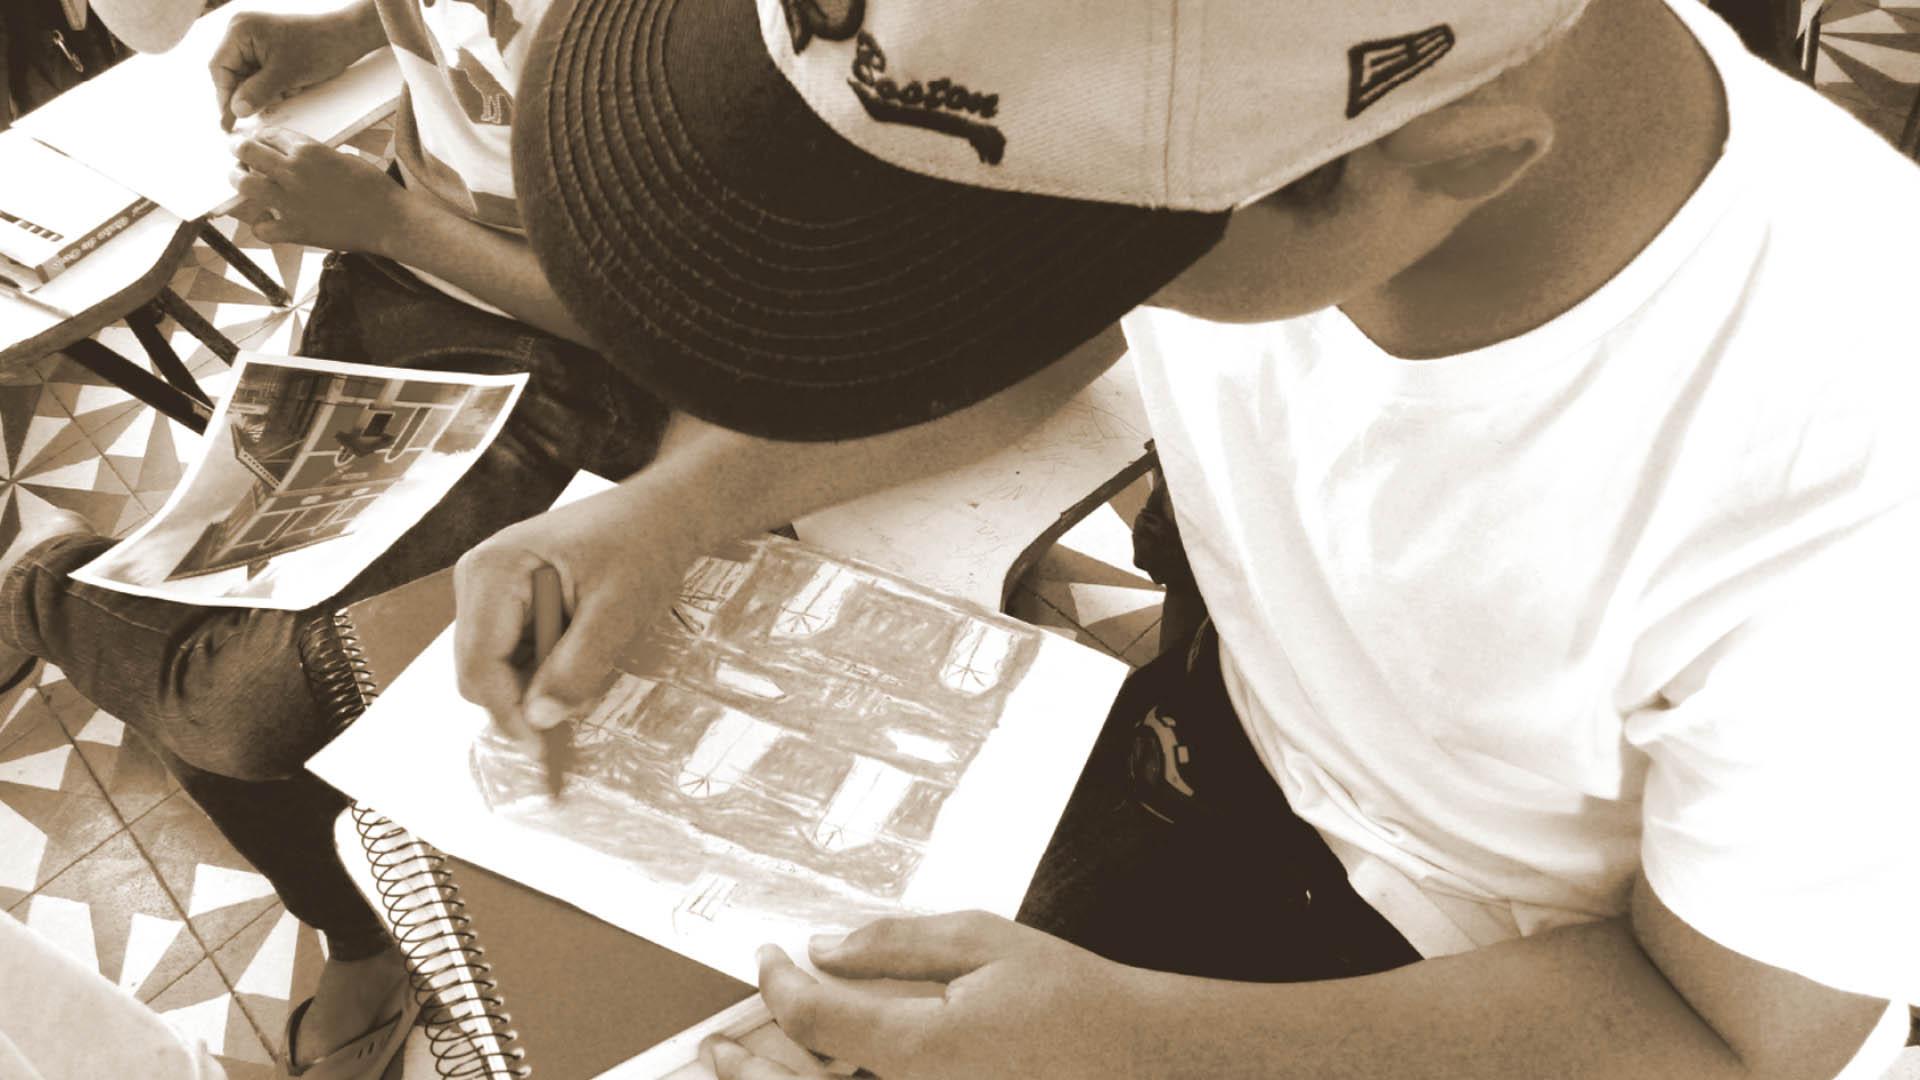 Autonomia Arqueologia - Educação Patrimonial